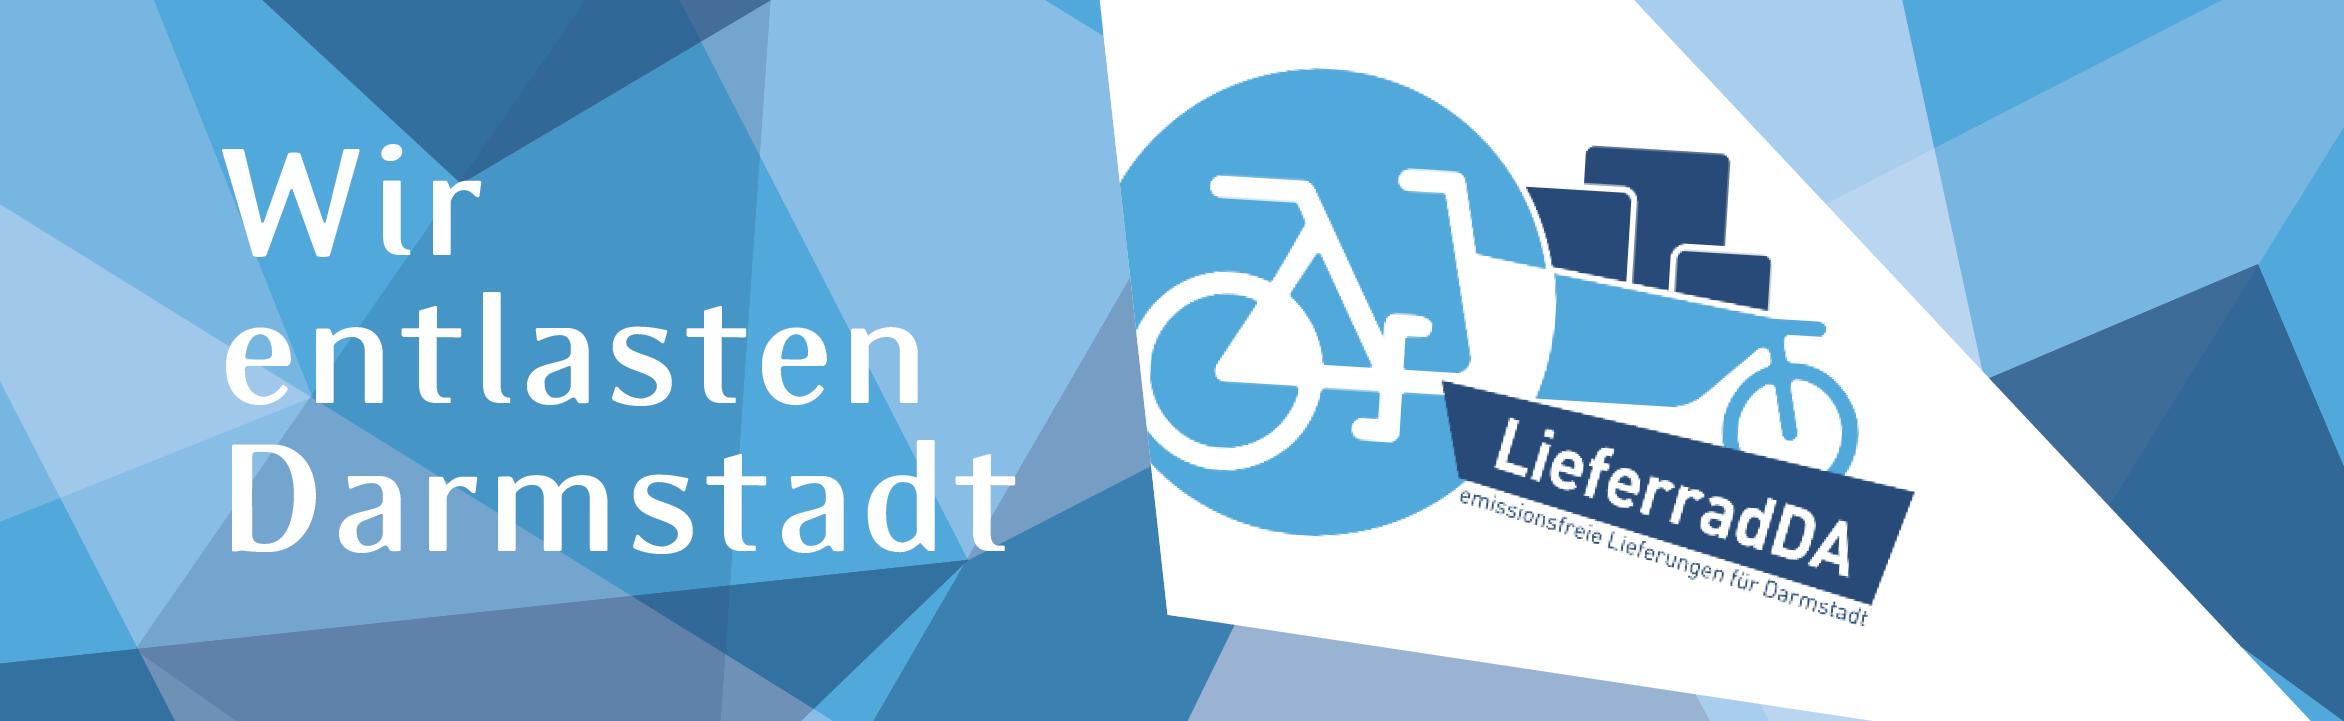 HENSCHEL wird nachhaltig und führt das Kooperationsprojekt LieferradDA ein. Brun fat not oil gemeinsam mit der h-da.